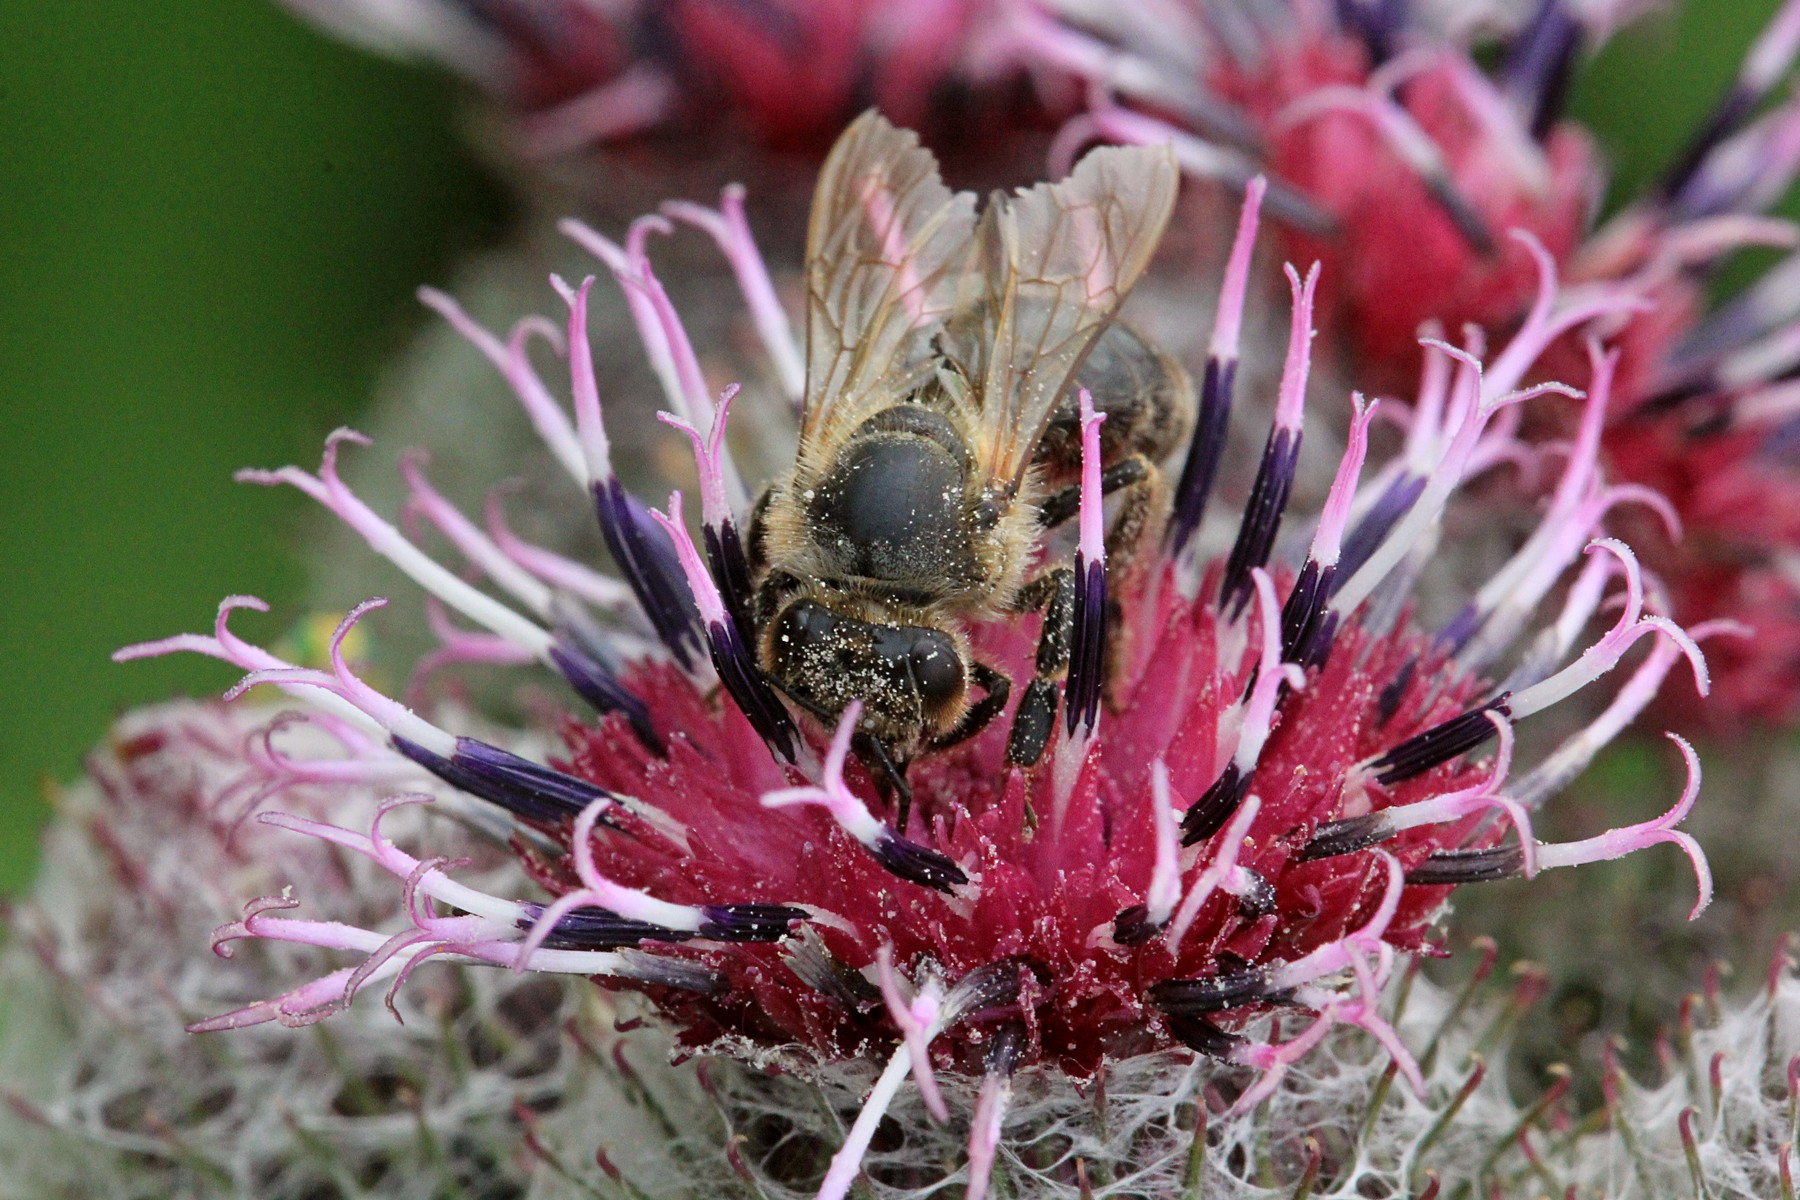 Лопуховый мёд, муравьиное стадо и прочие насекомыши